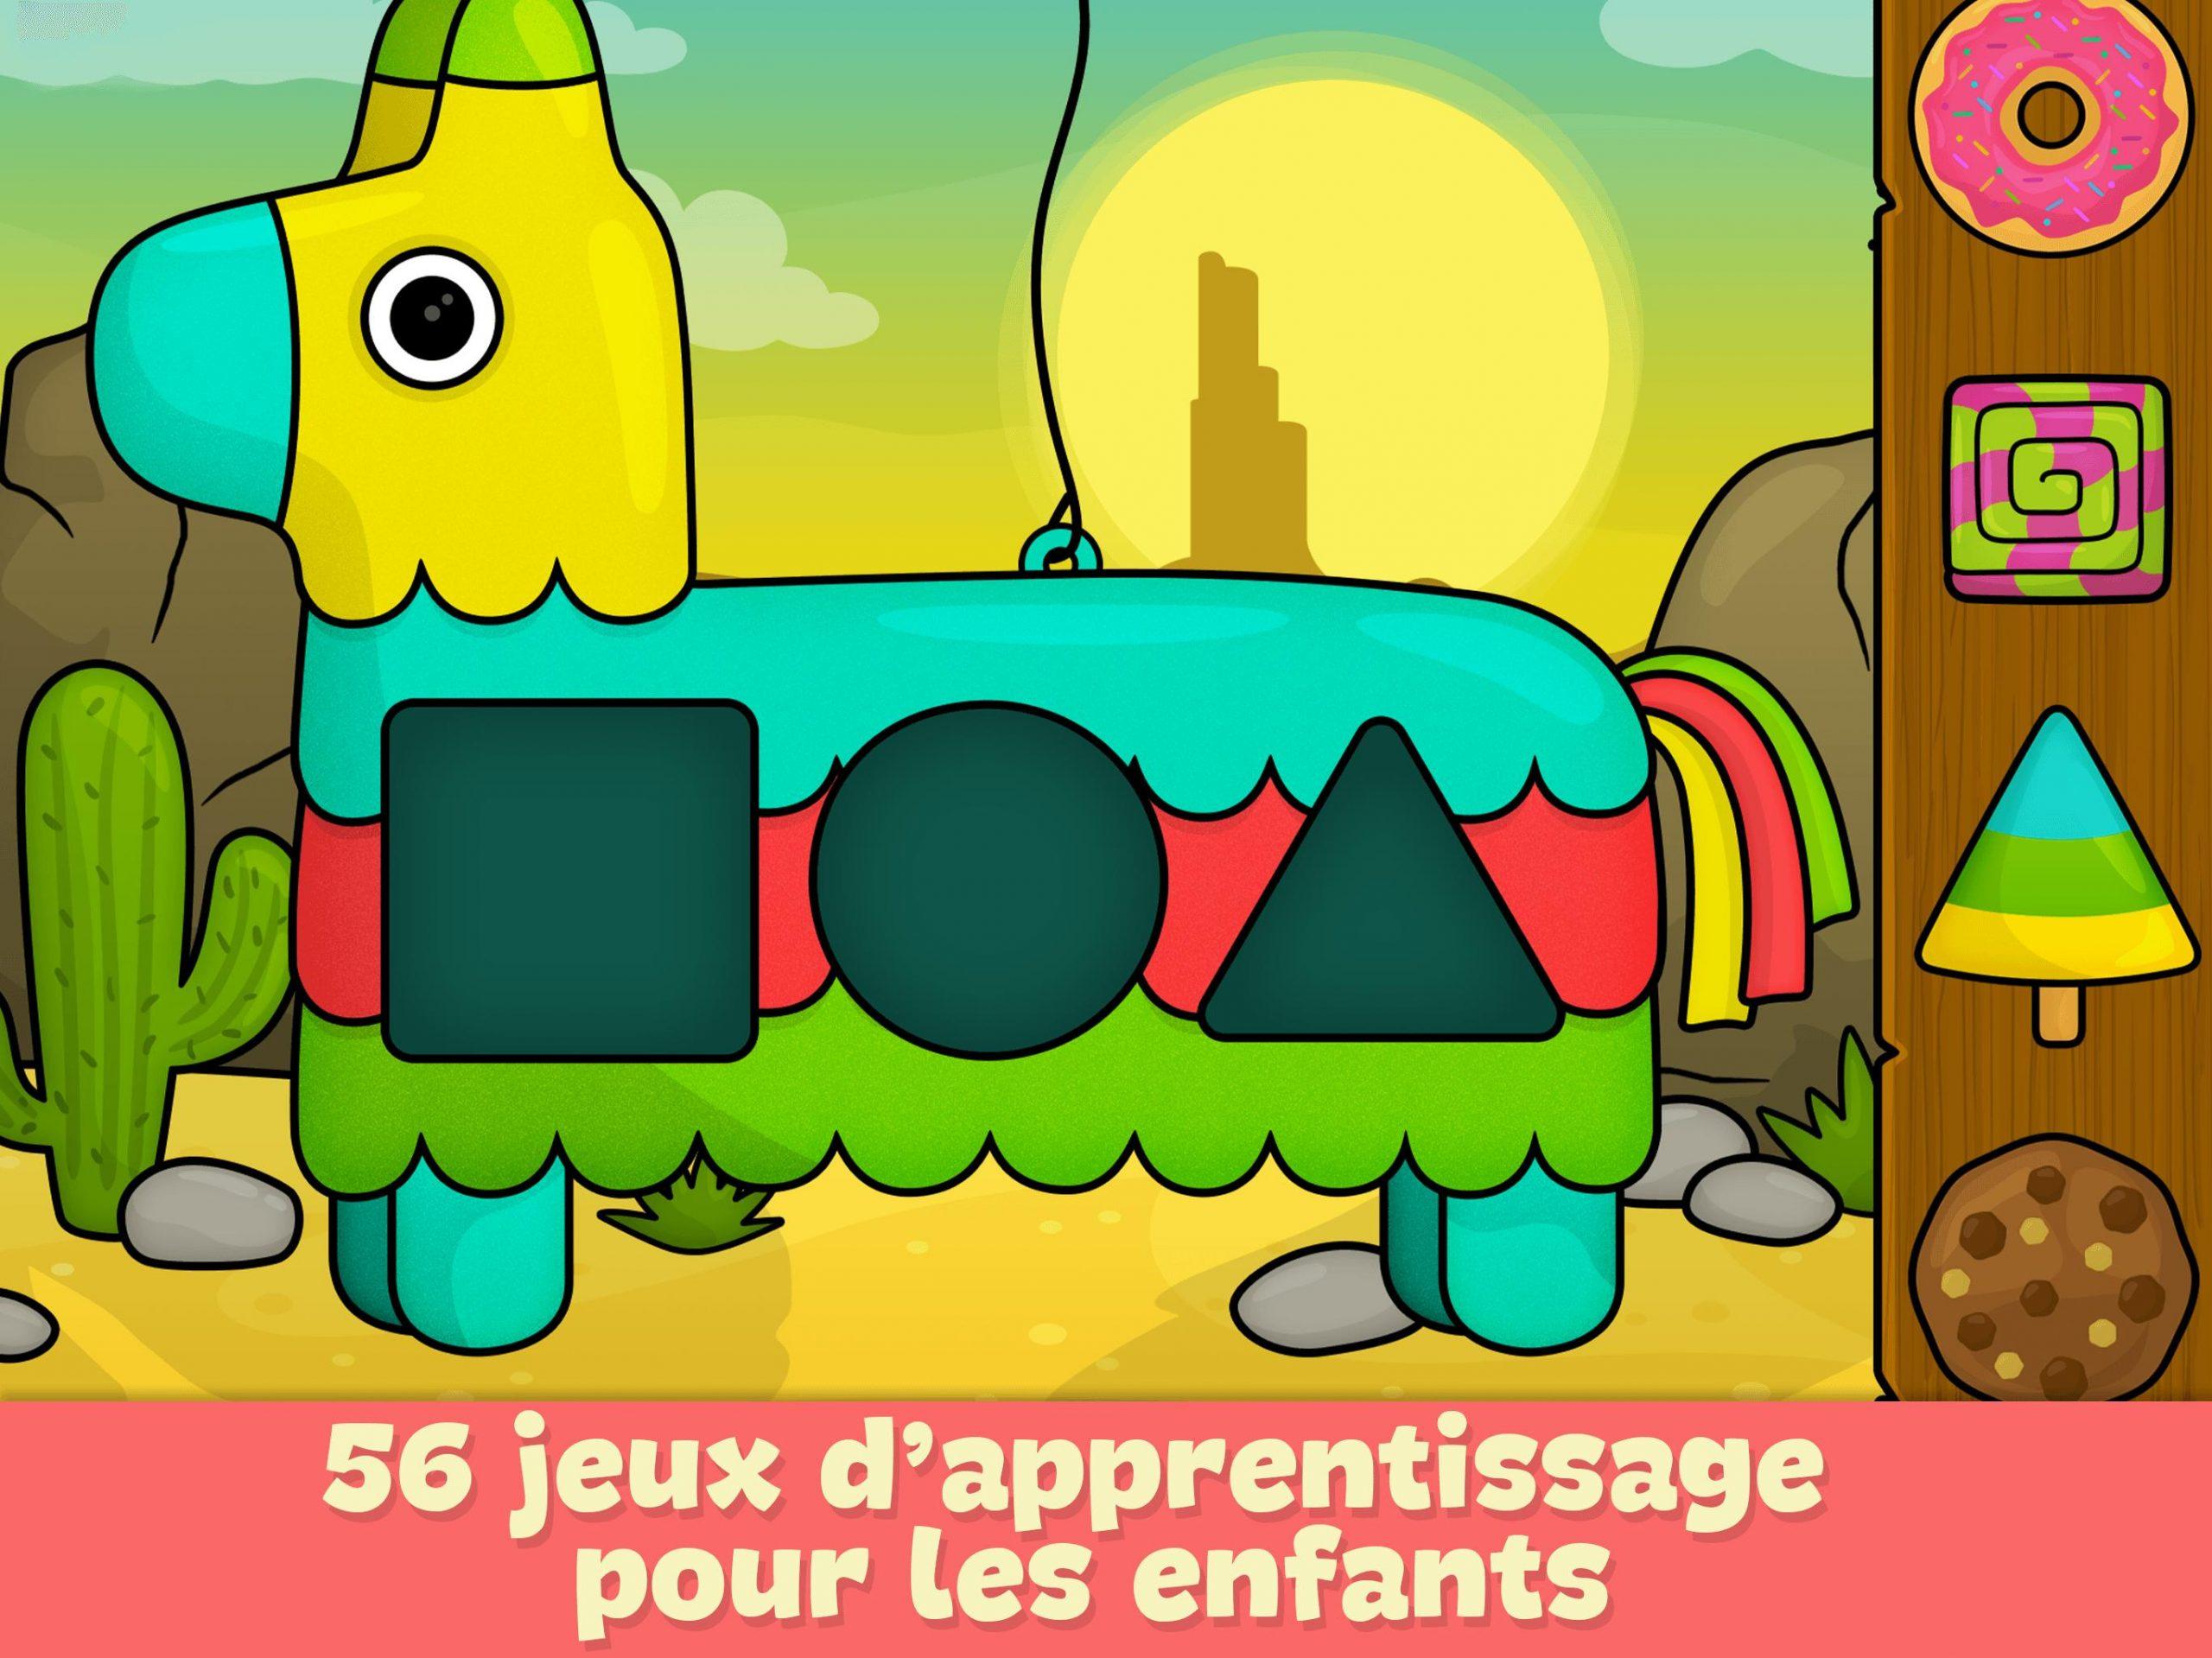 Jeux Pour Enfants 2 - 5 Ans Pour Android - Téléchargez L'apk pour Jeux De Gratuit Fille Et Garçon